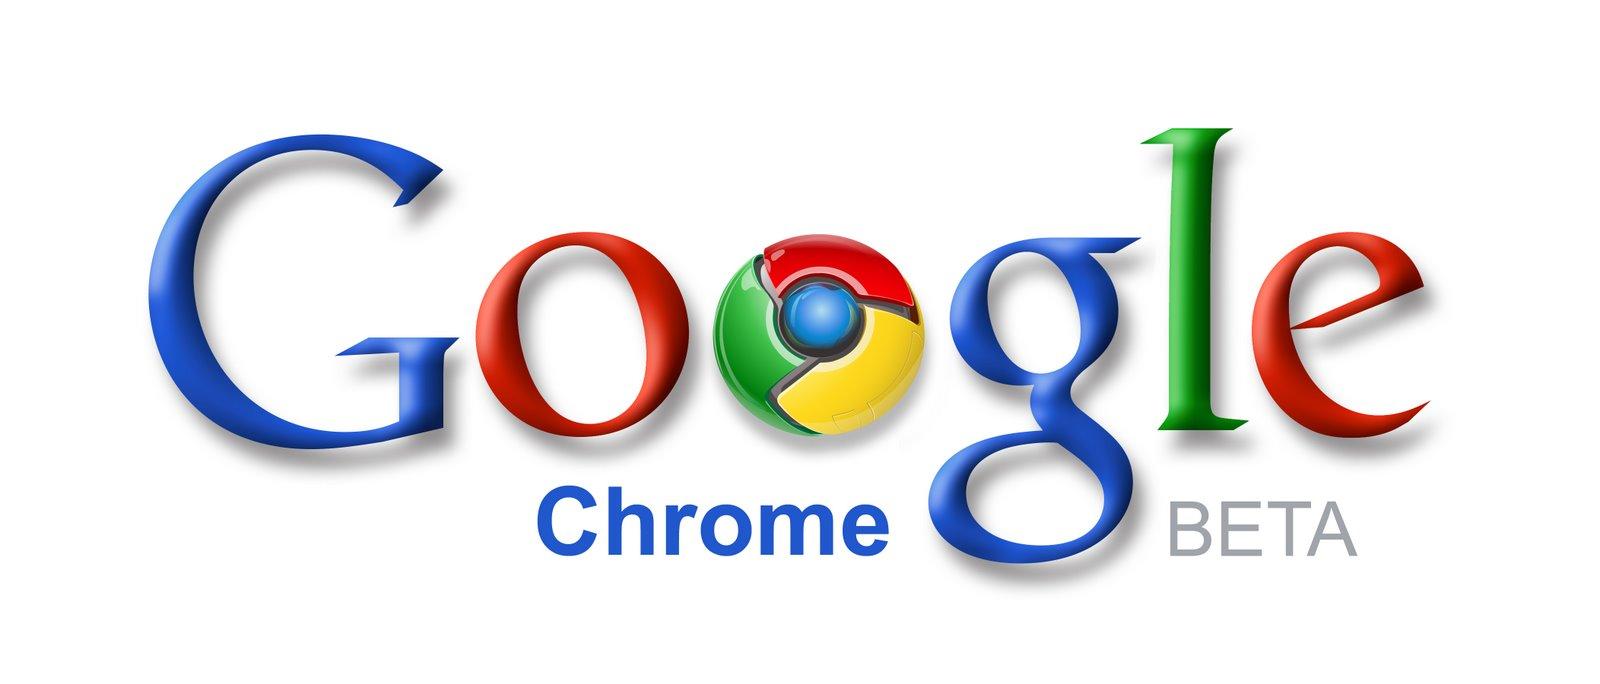 Google chrome for mobile - 3